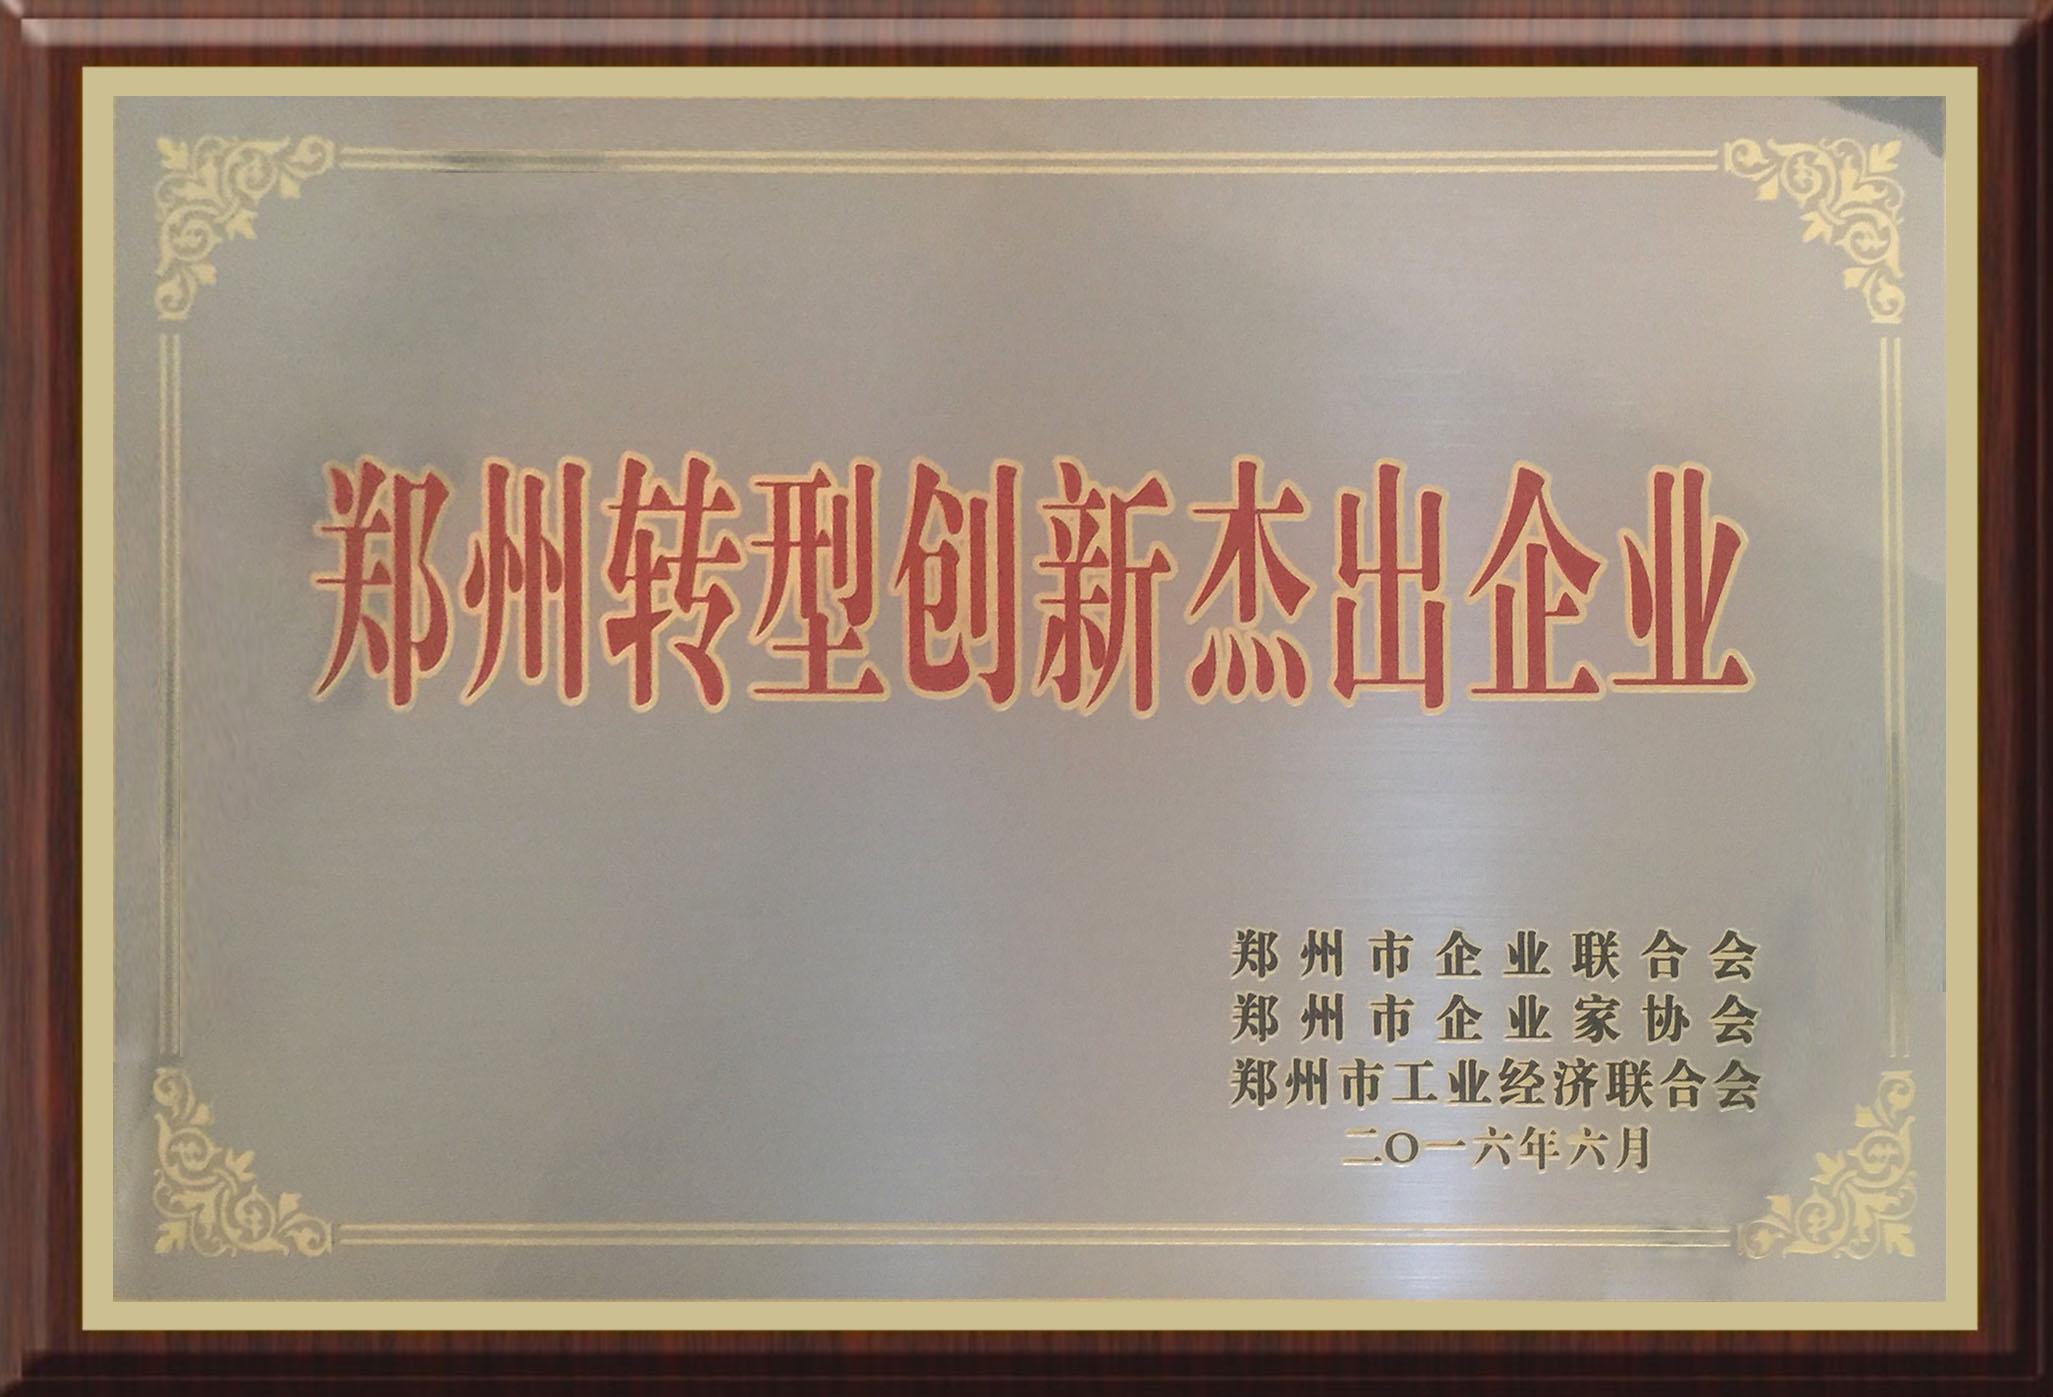 热烈祝贺天一文化被评为郑州转型创新杰出企业!